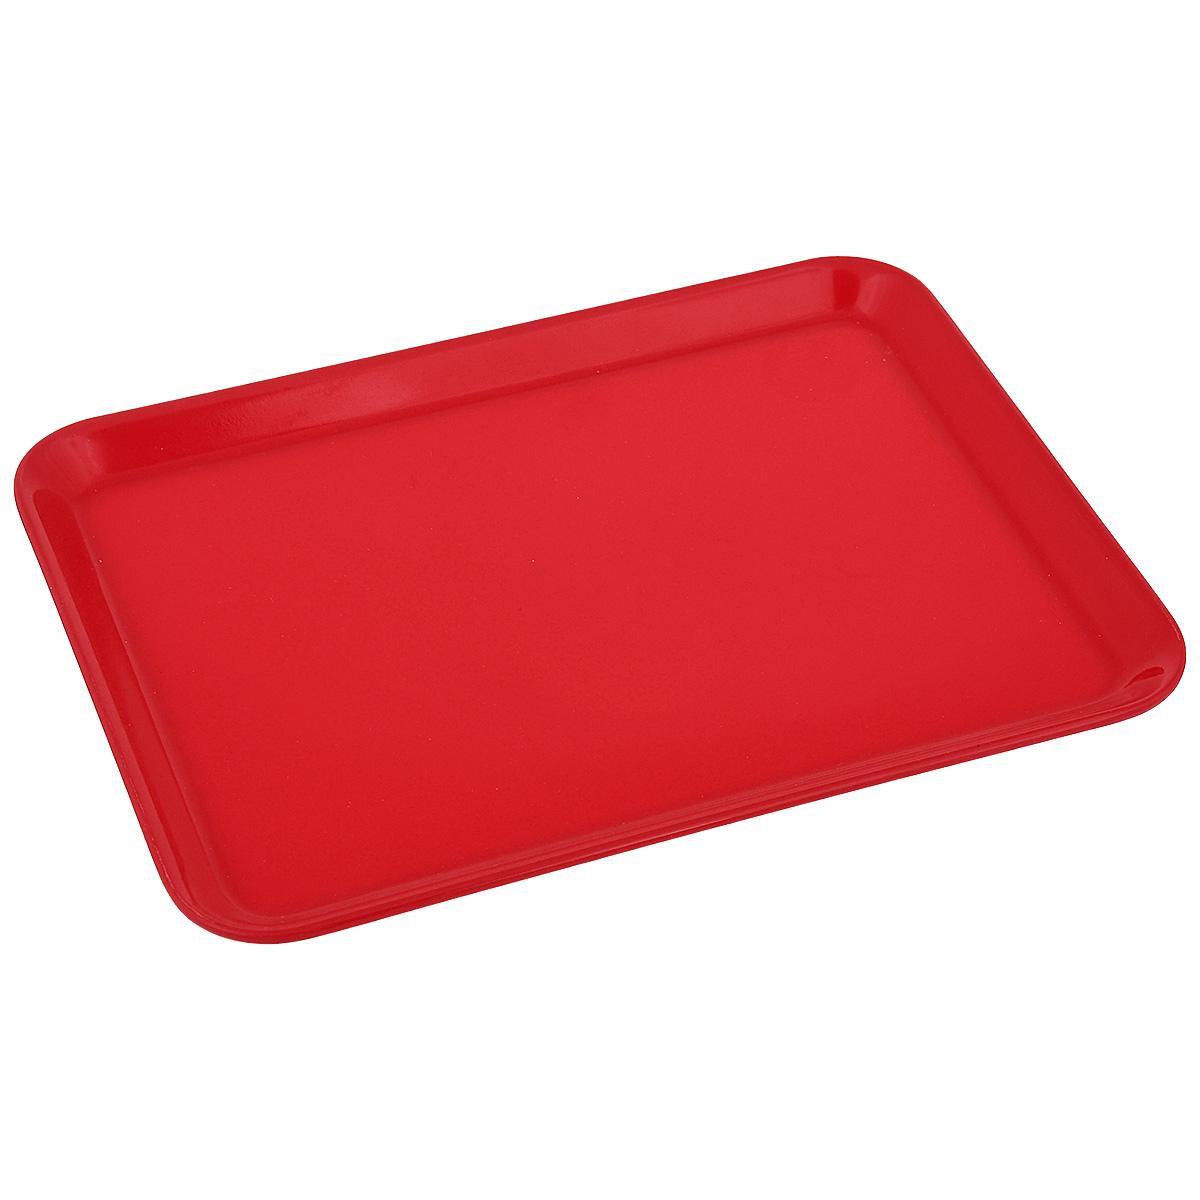 Поднос Zeller, цвет: красный, 24 см х 18 см26692Оригинальный поднос Zeller, изготовленный из пластика, станет незаменимым предметом для сервировки стола. Поднос не только дополнит интерьер вашей кухни, но и предохранит поверхность стола от грязи и перегрева. Яркий и стильный поднос Zeller придется по вкусу и ценителям классики, и тем, кто предпочитает современный стиль.